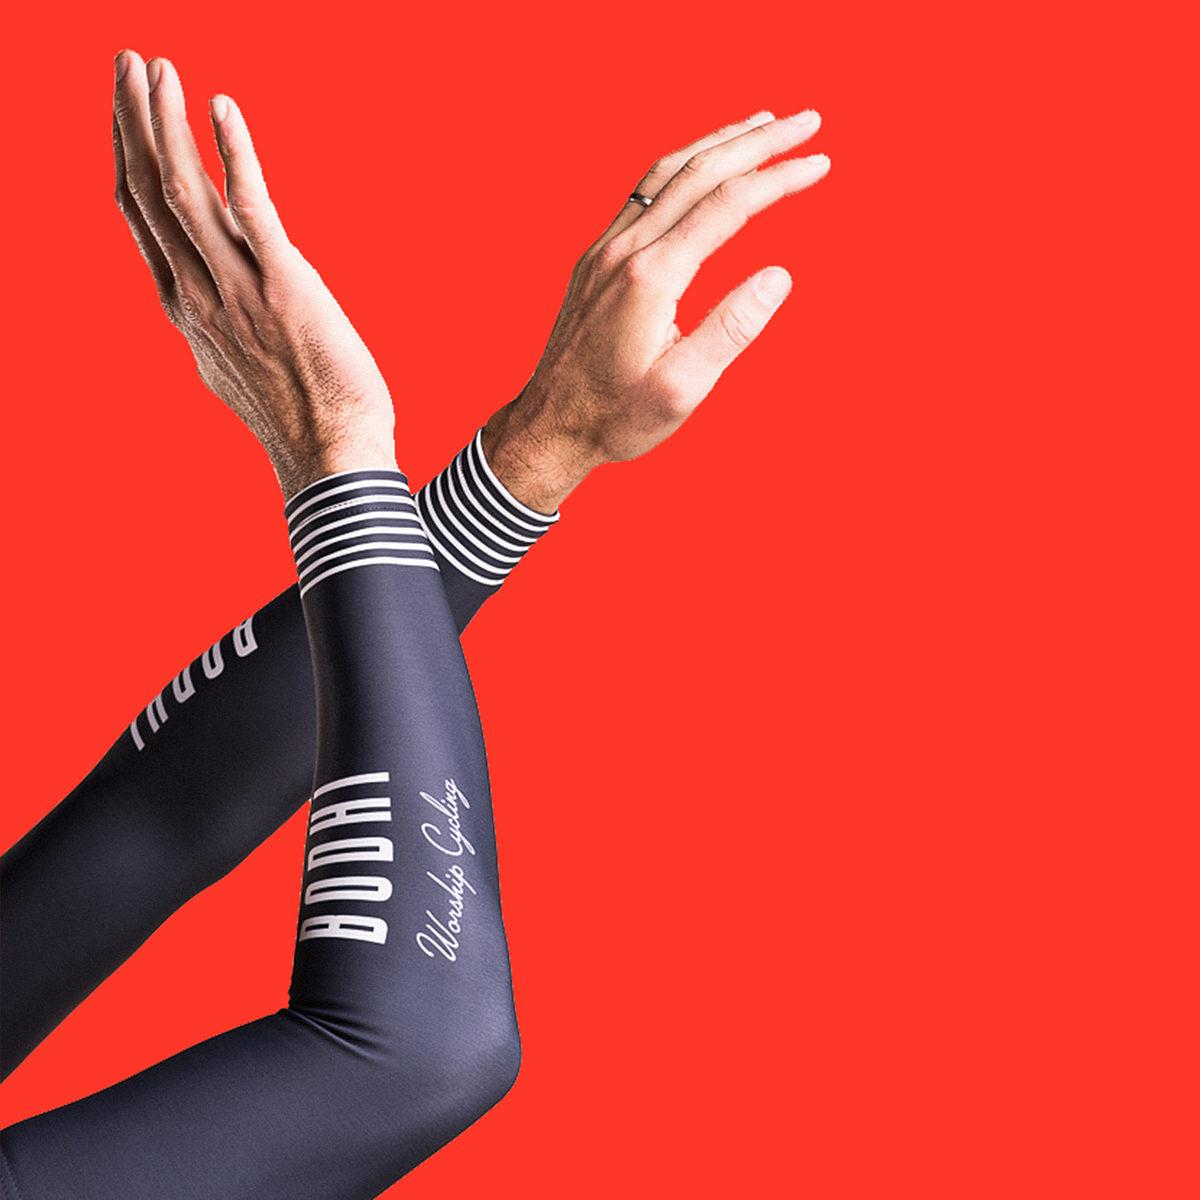 Bodhi cycling armwarmers